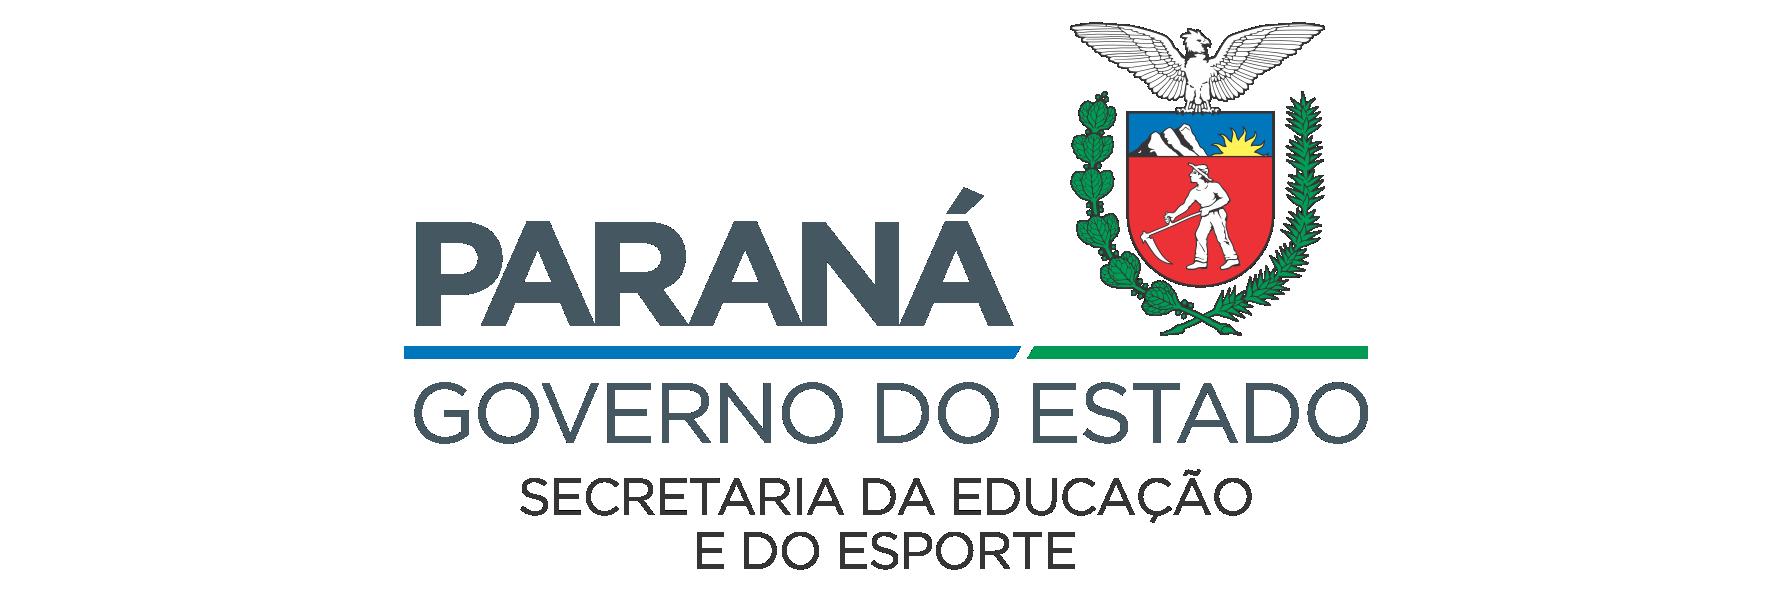 Governo do PR Esporte 2019-2022 R